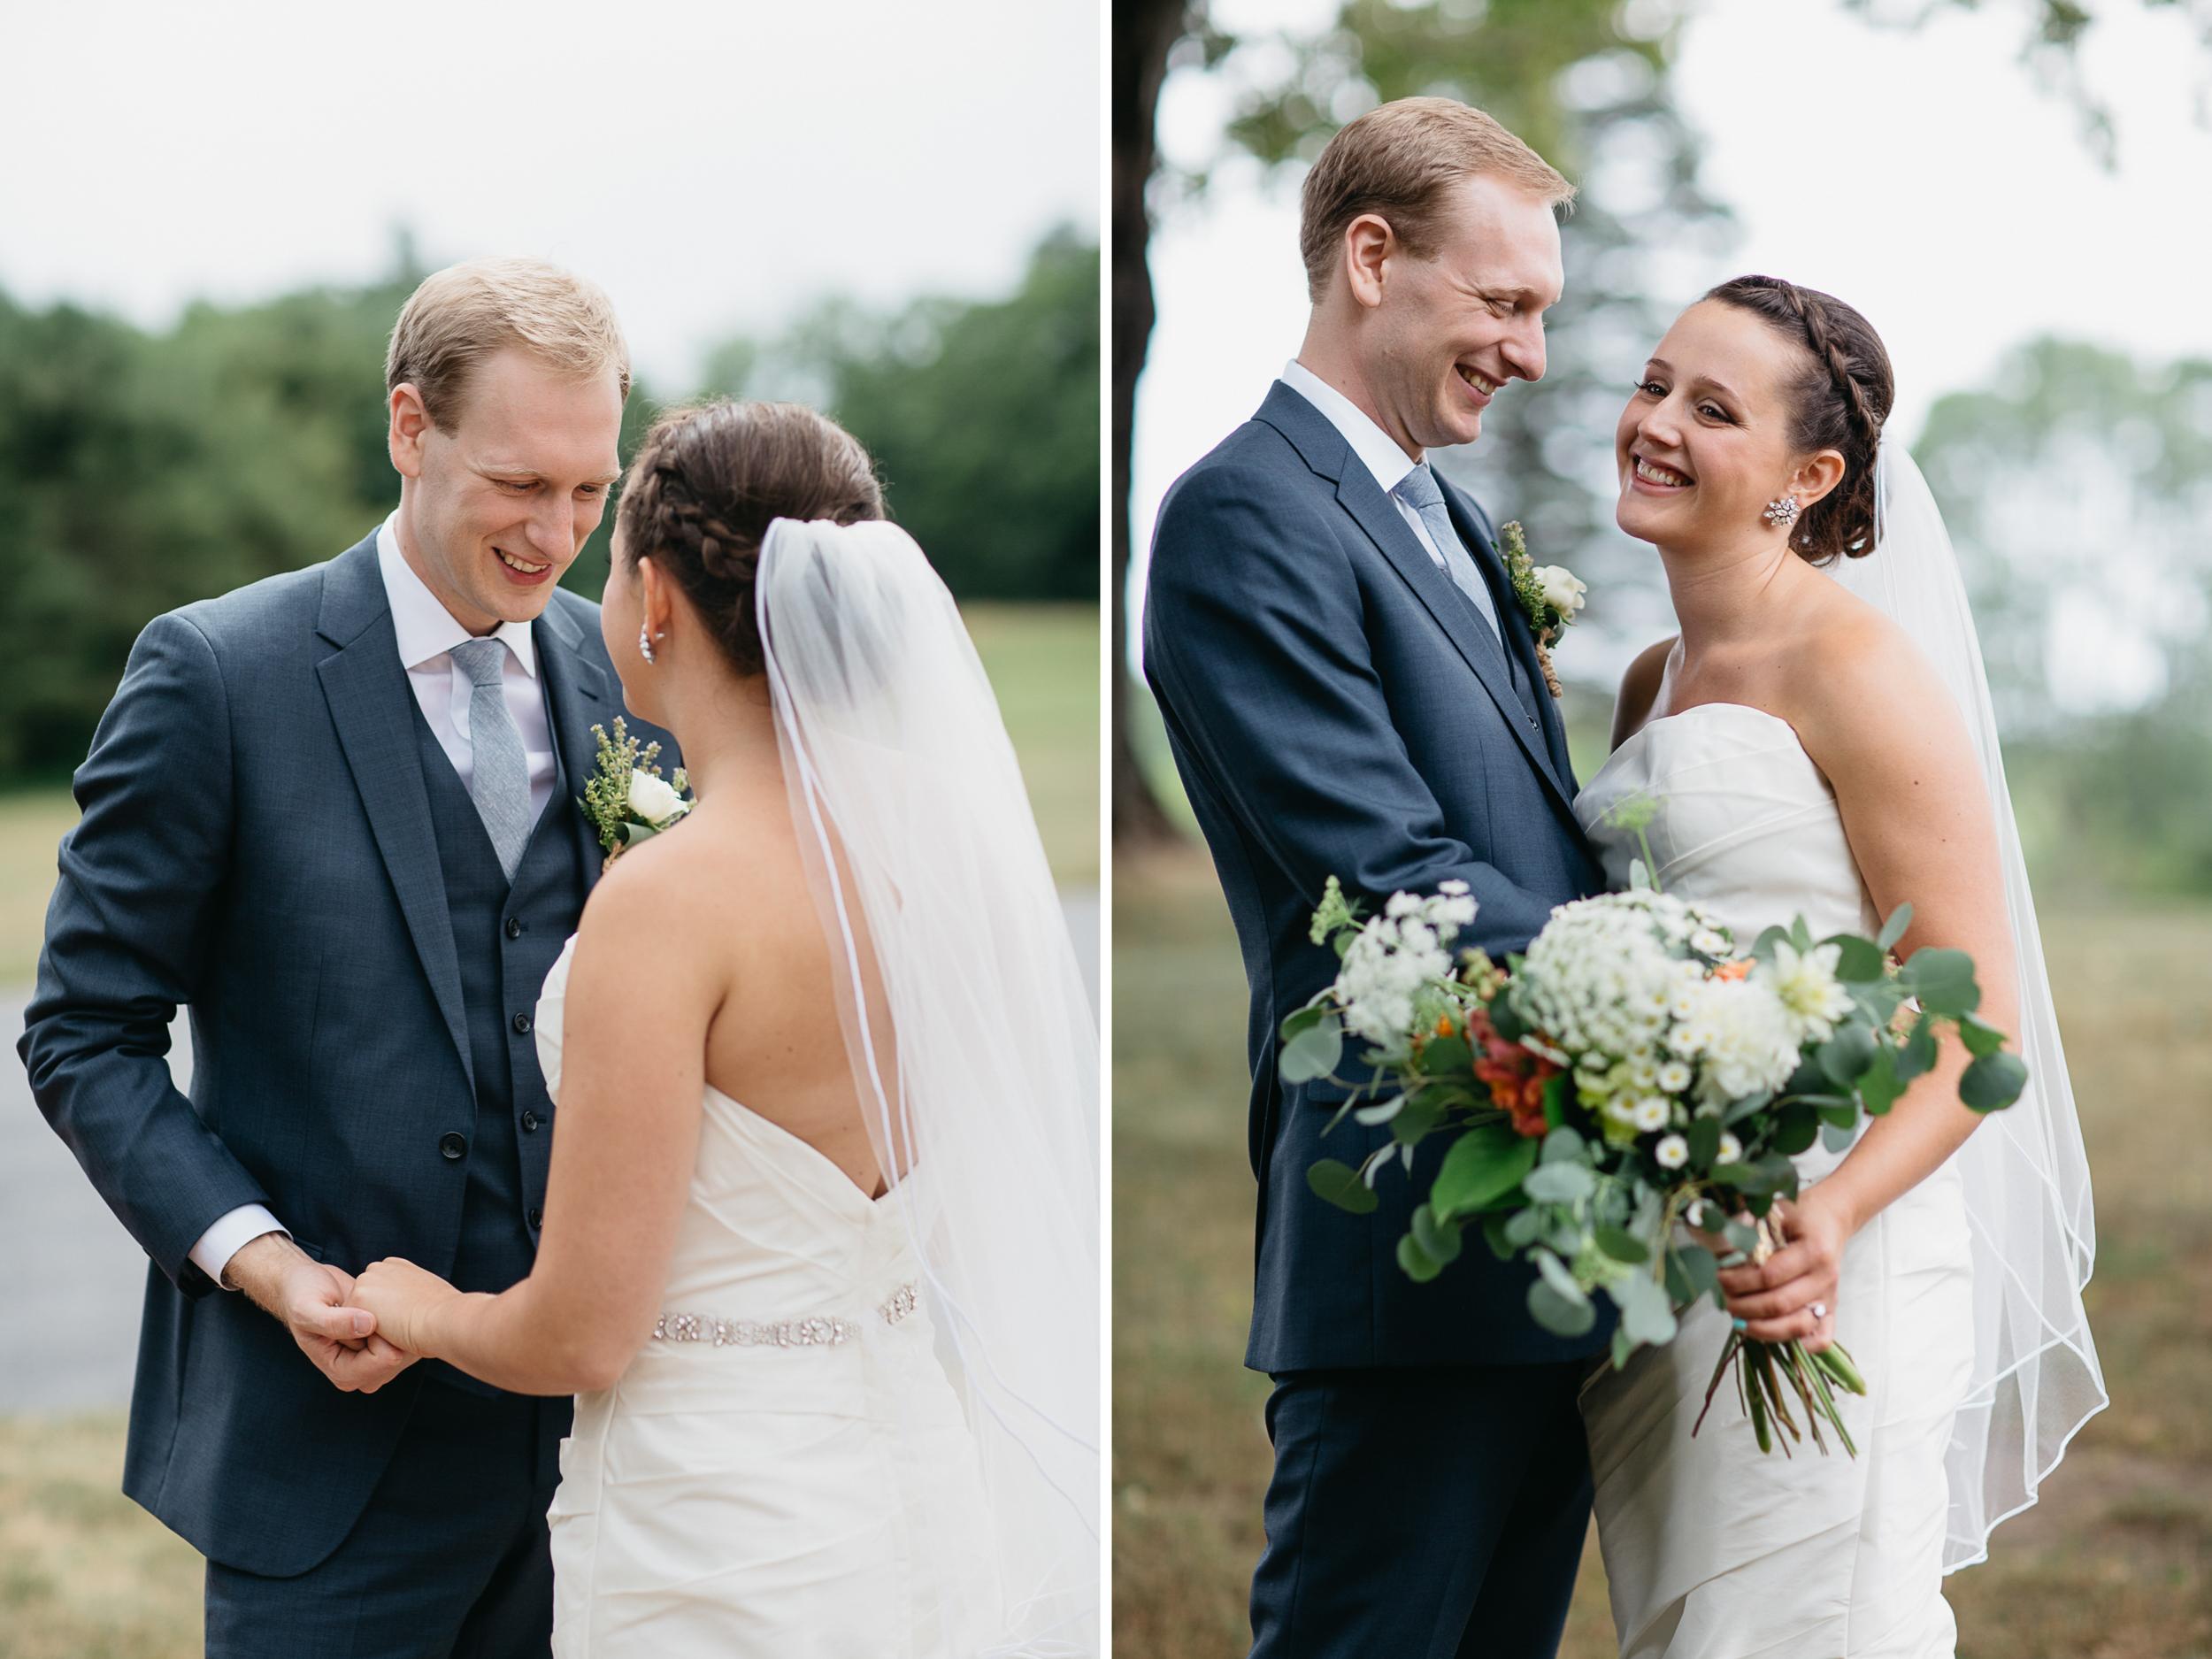 Jessie_Erik_Pownal_Maine_Wedding_William_allen_farm_010.jpg